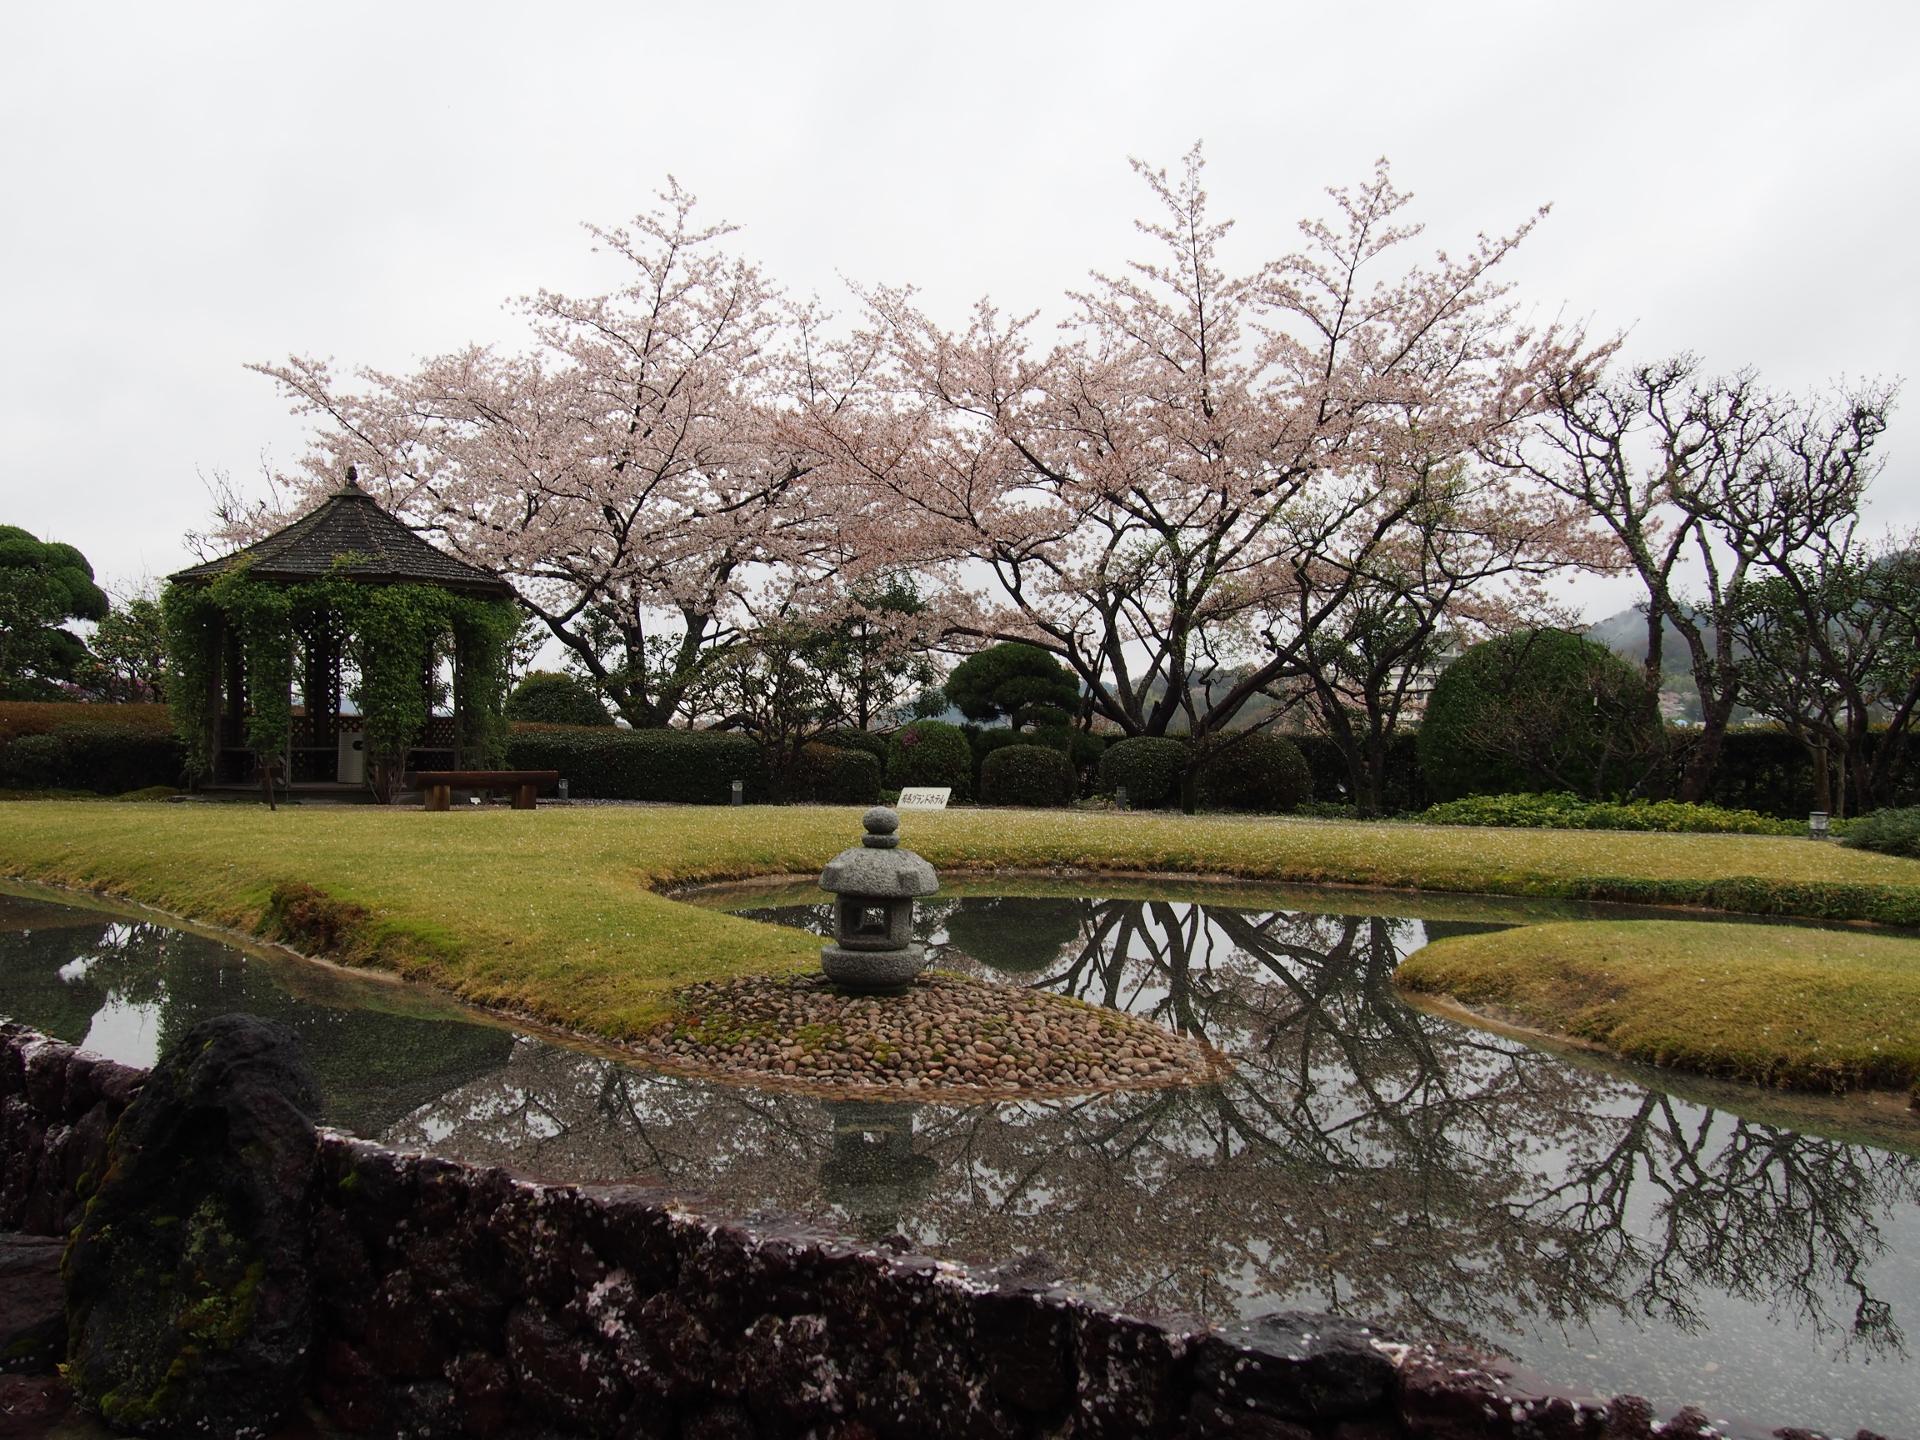 再び中庭の桜です。